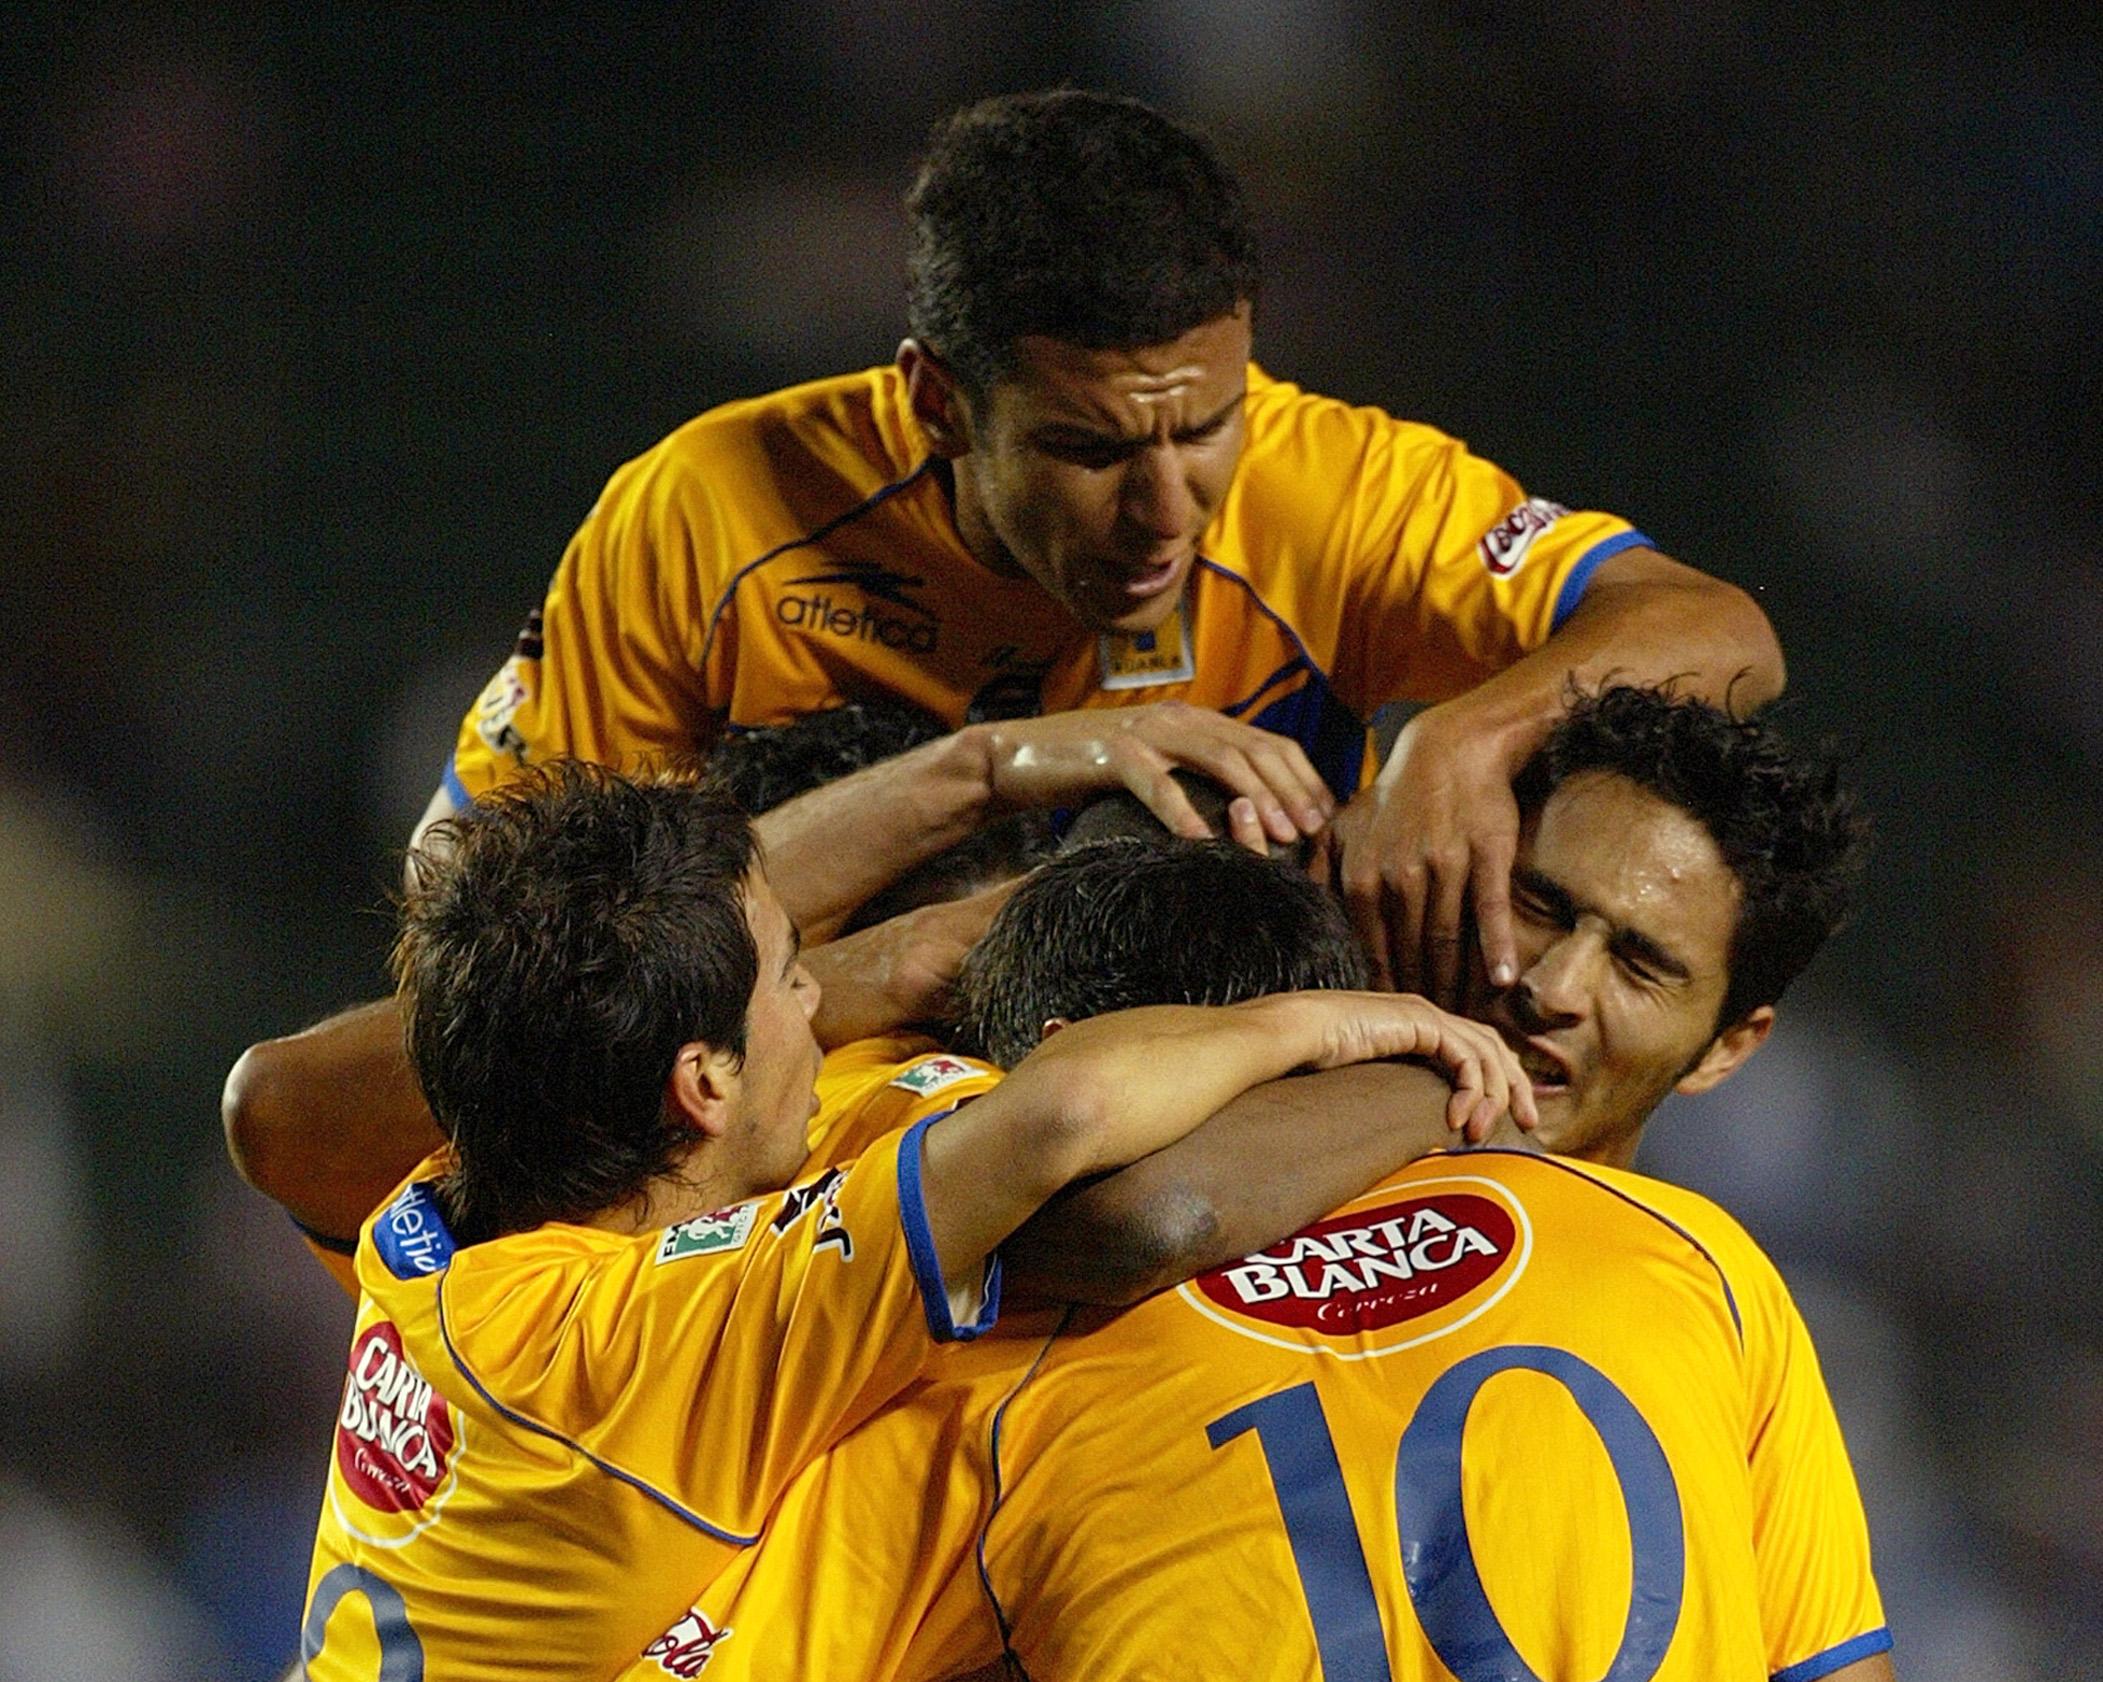 Tigres Interliga 2006